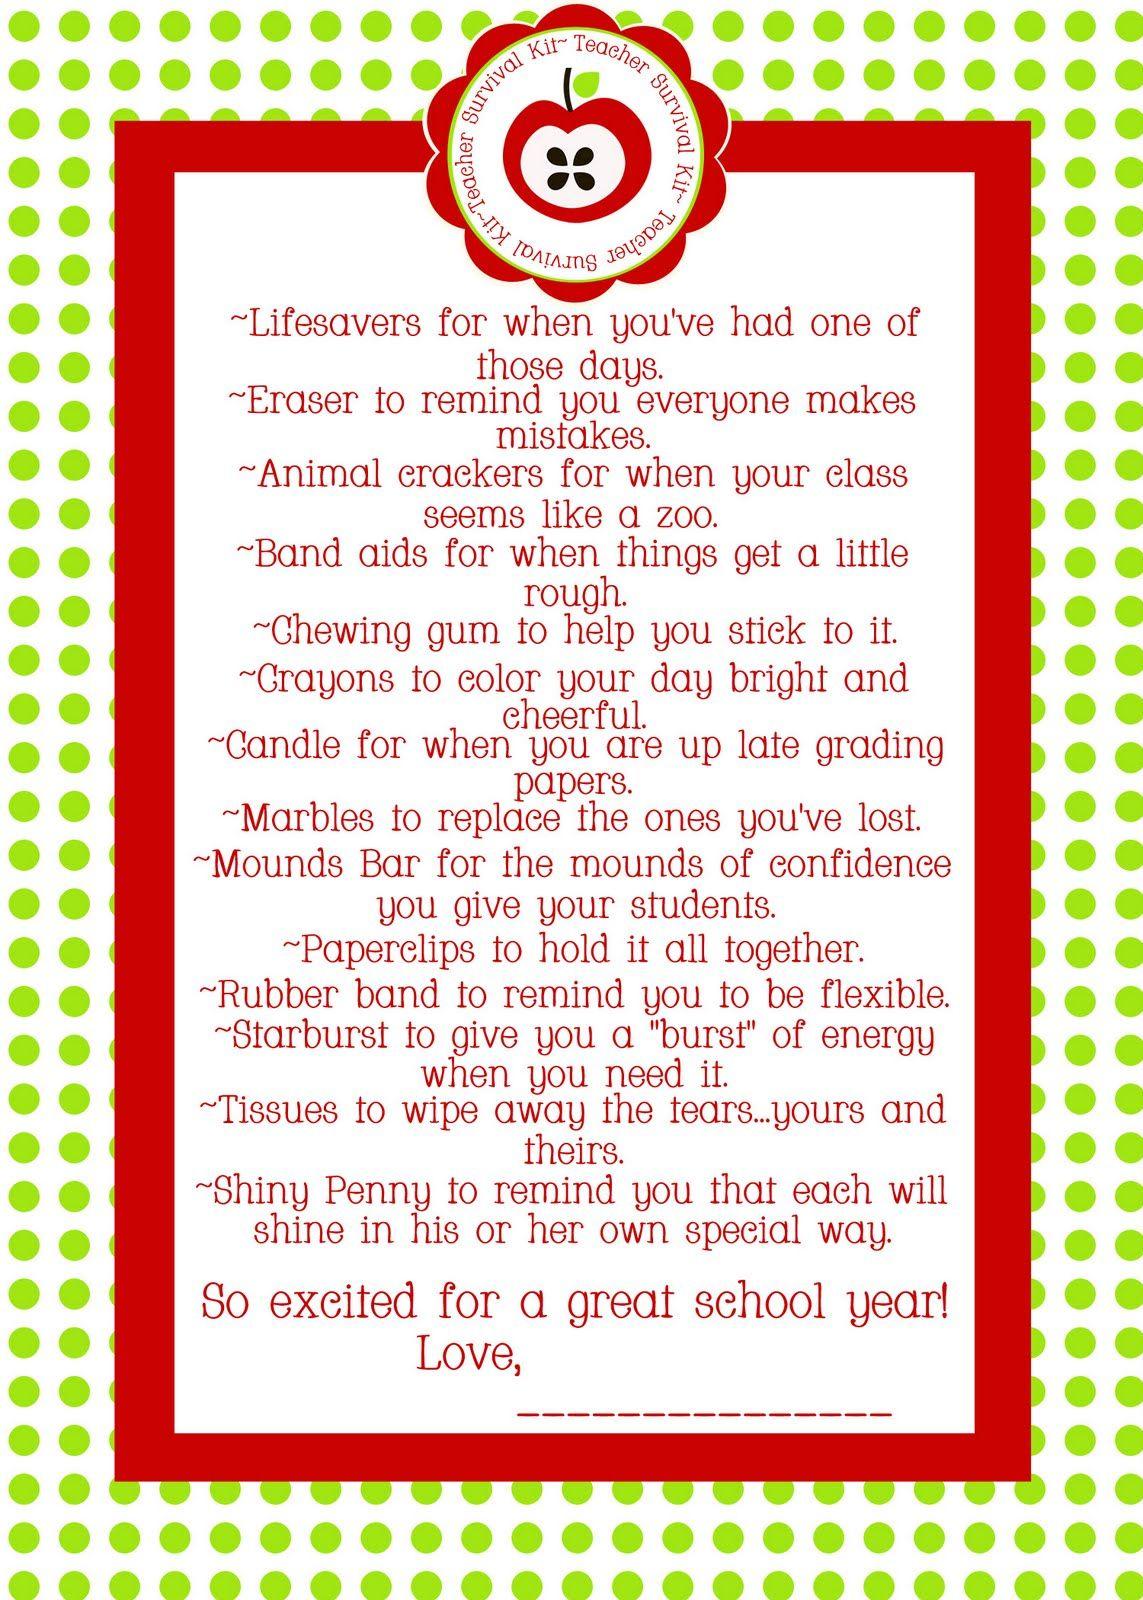 Teacher Survival Kit for the